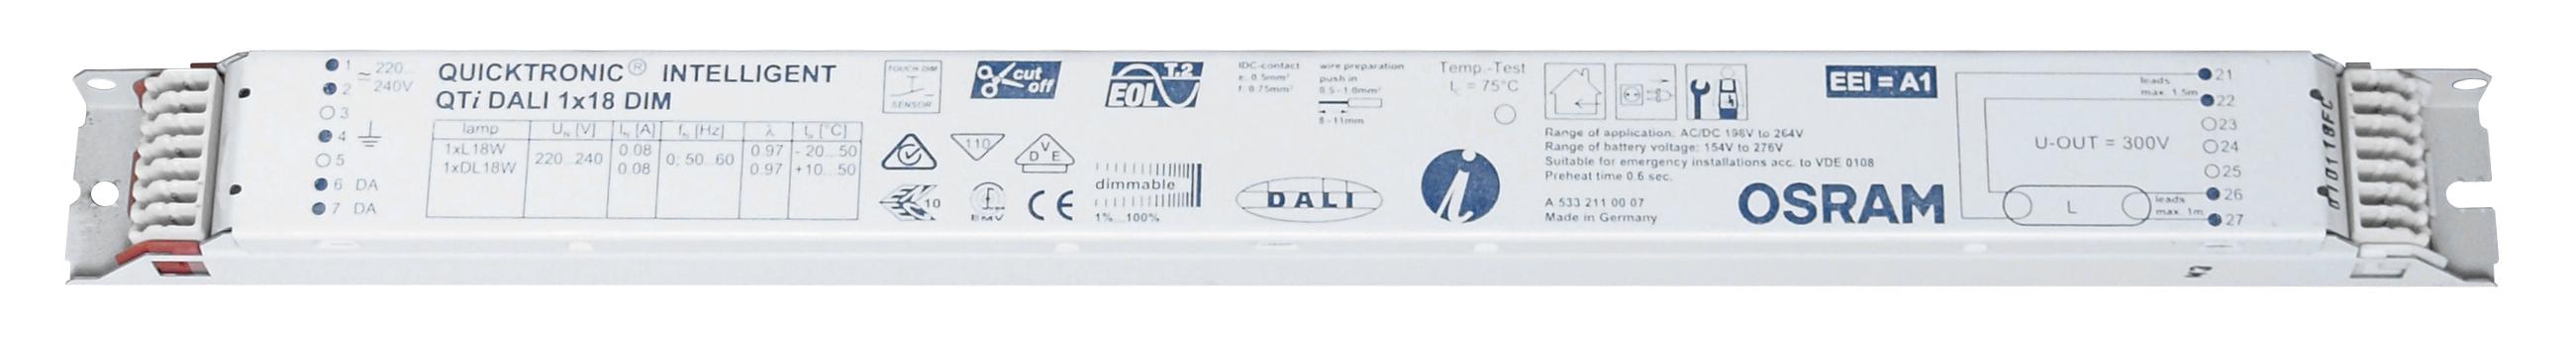 1 Stk EVG QTIDALI 1x18/220-240 für T8 dimmbar DALI LI5Z870403